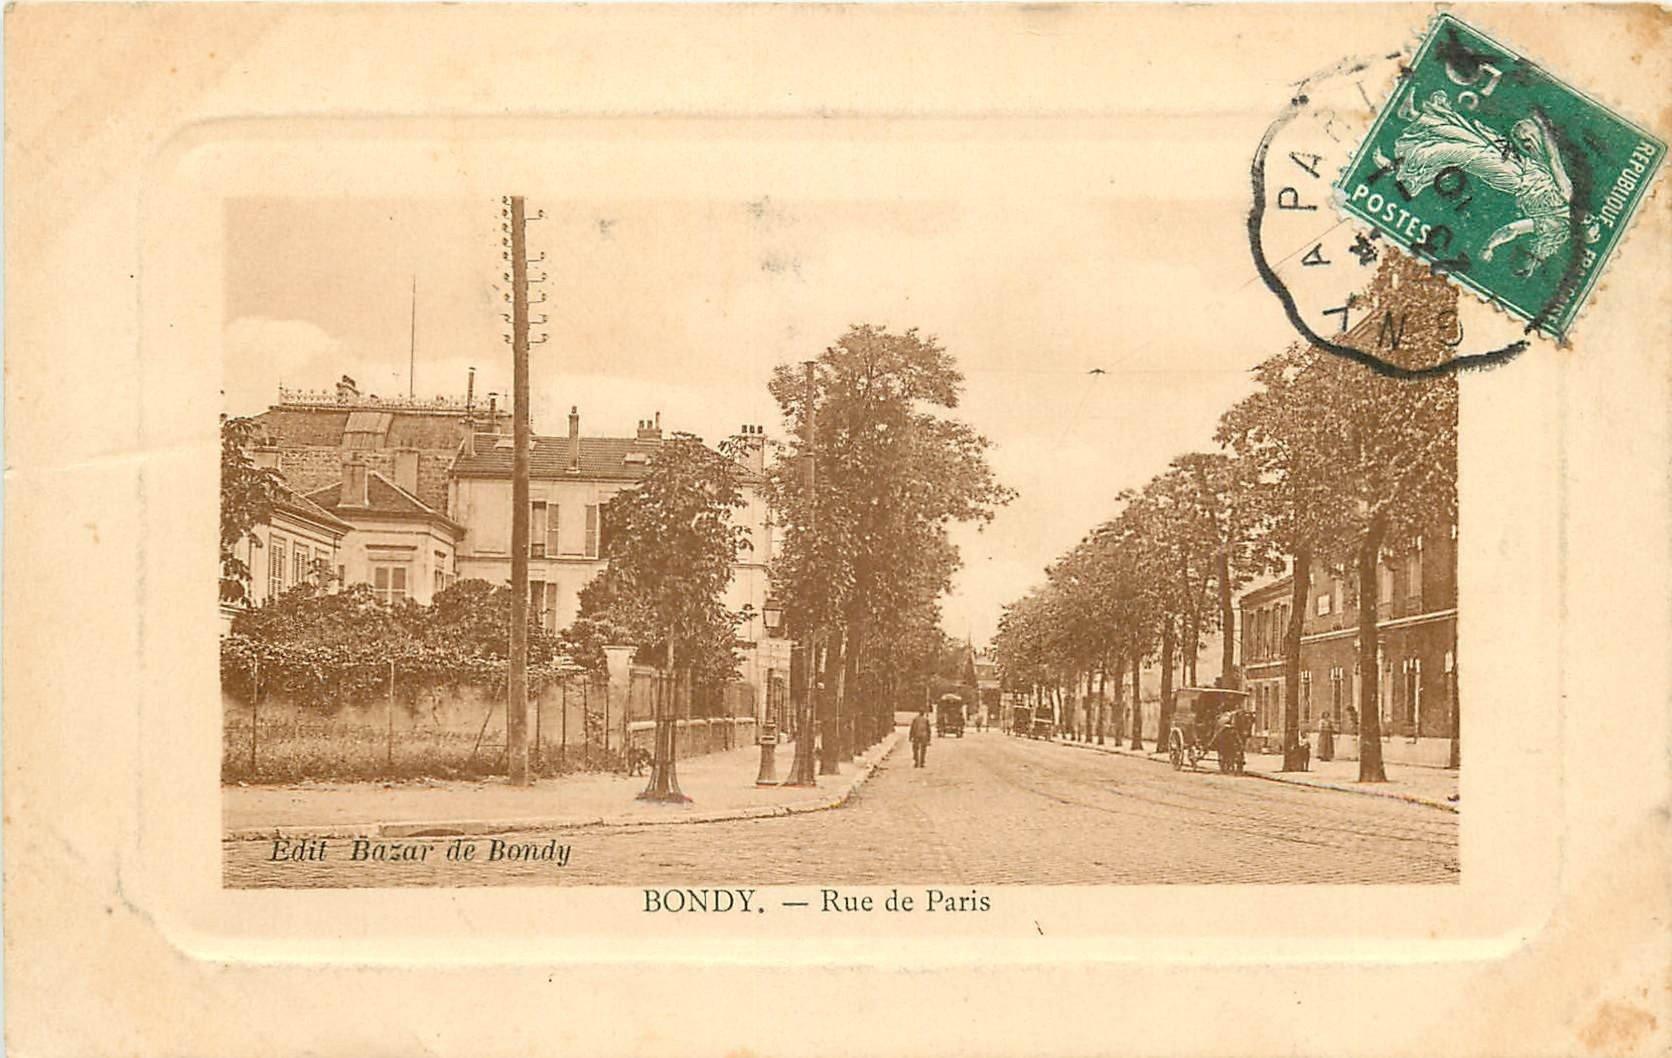 93 BONDY. Attelage de livraisons Rue de Paris 1910